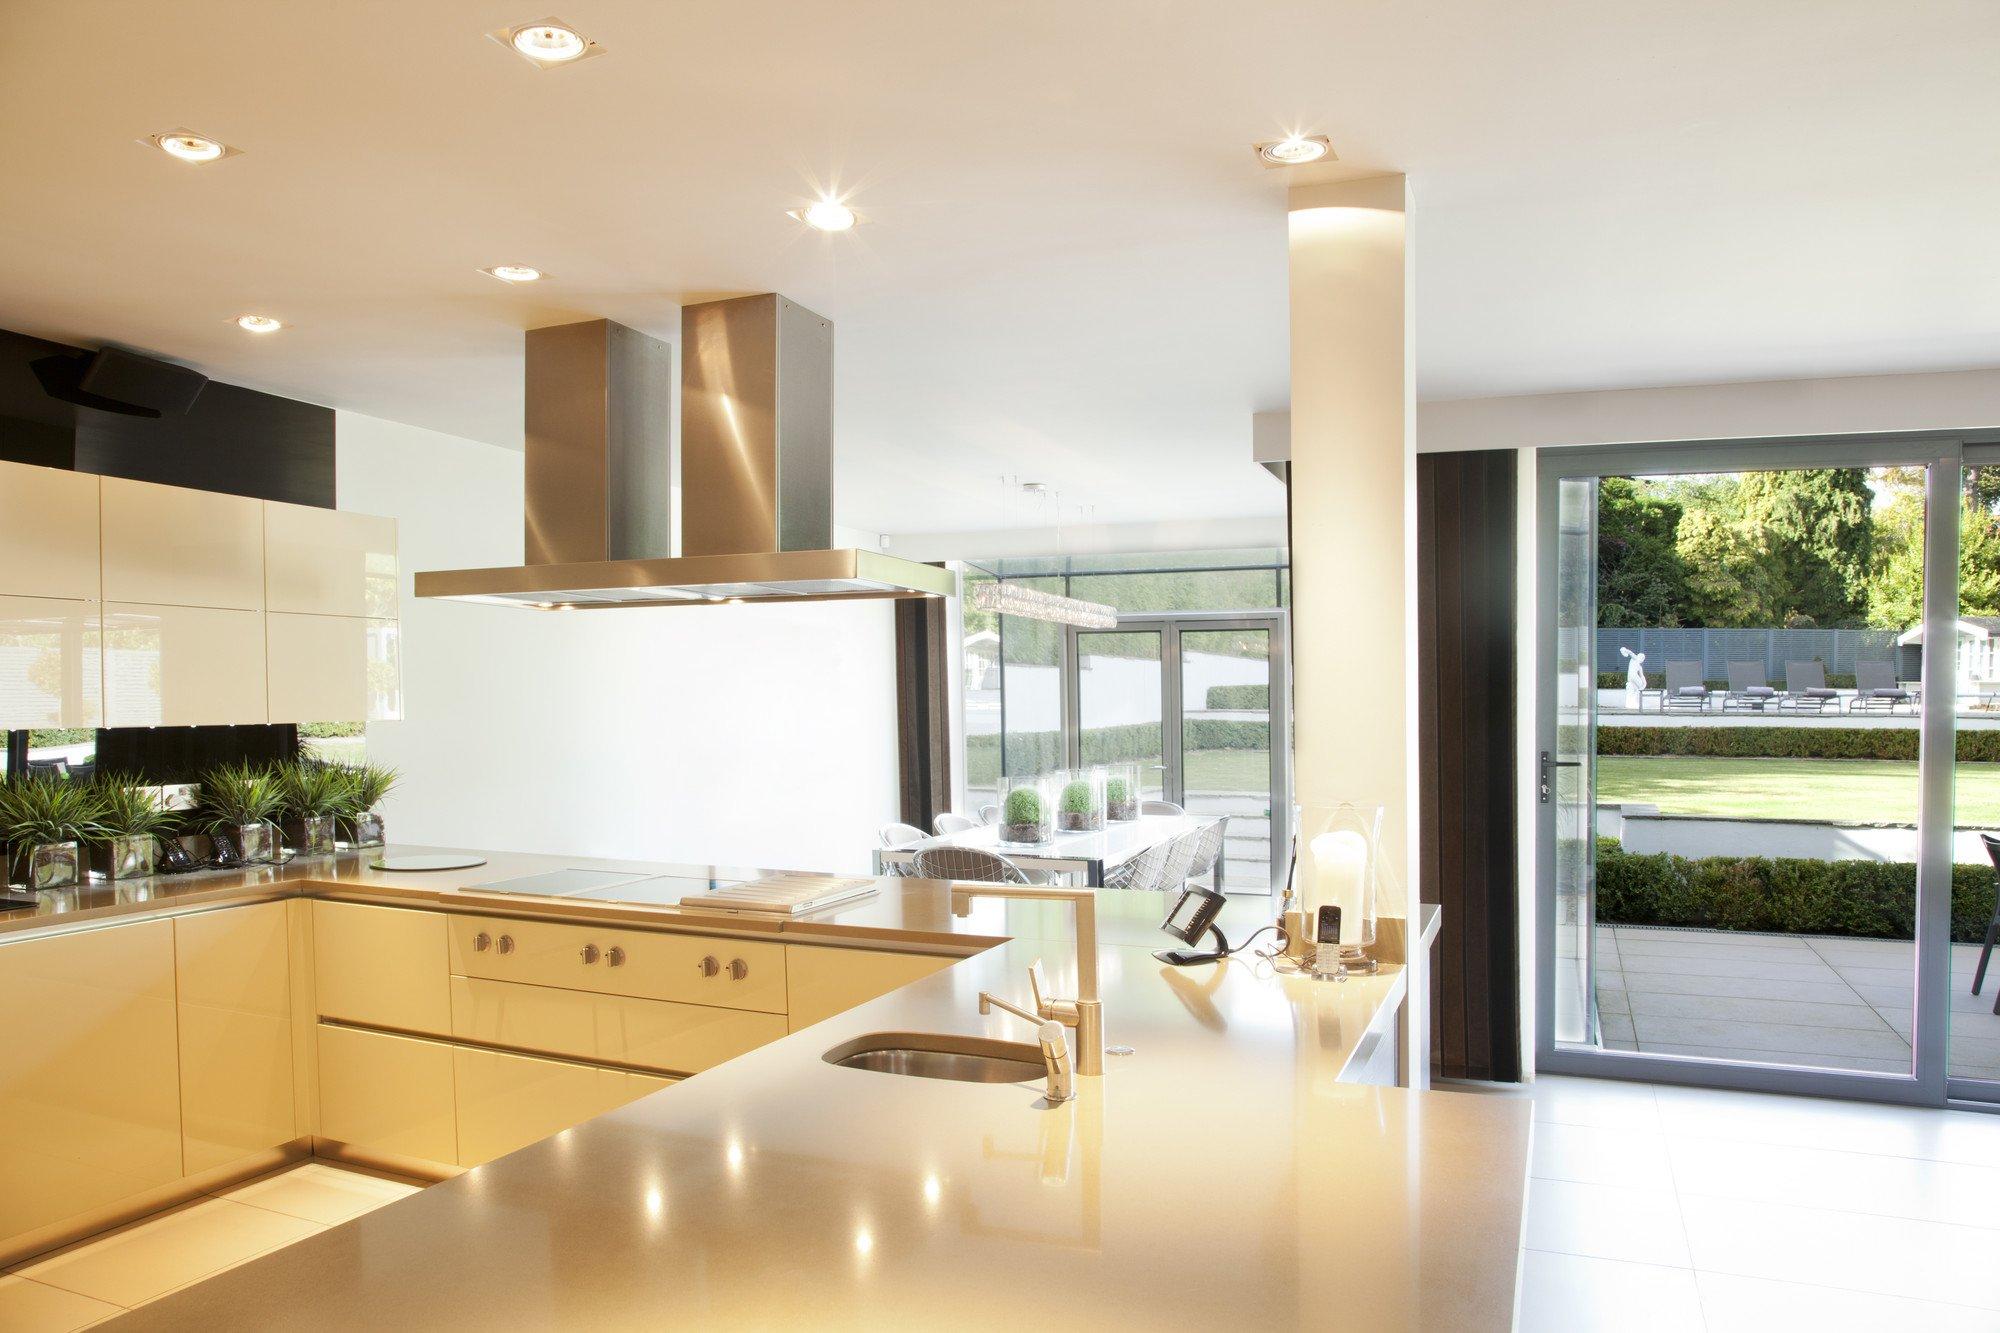 Kitchen door refurbishment, C & G Painters & Decorators